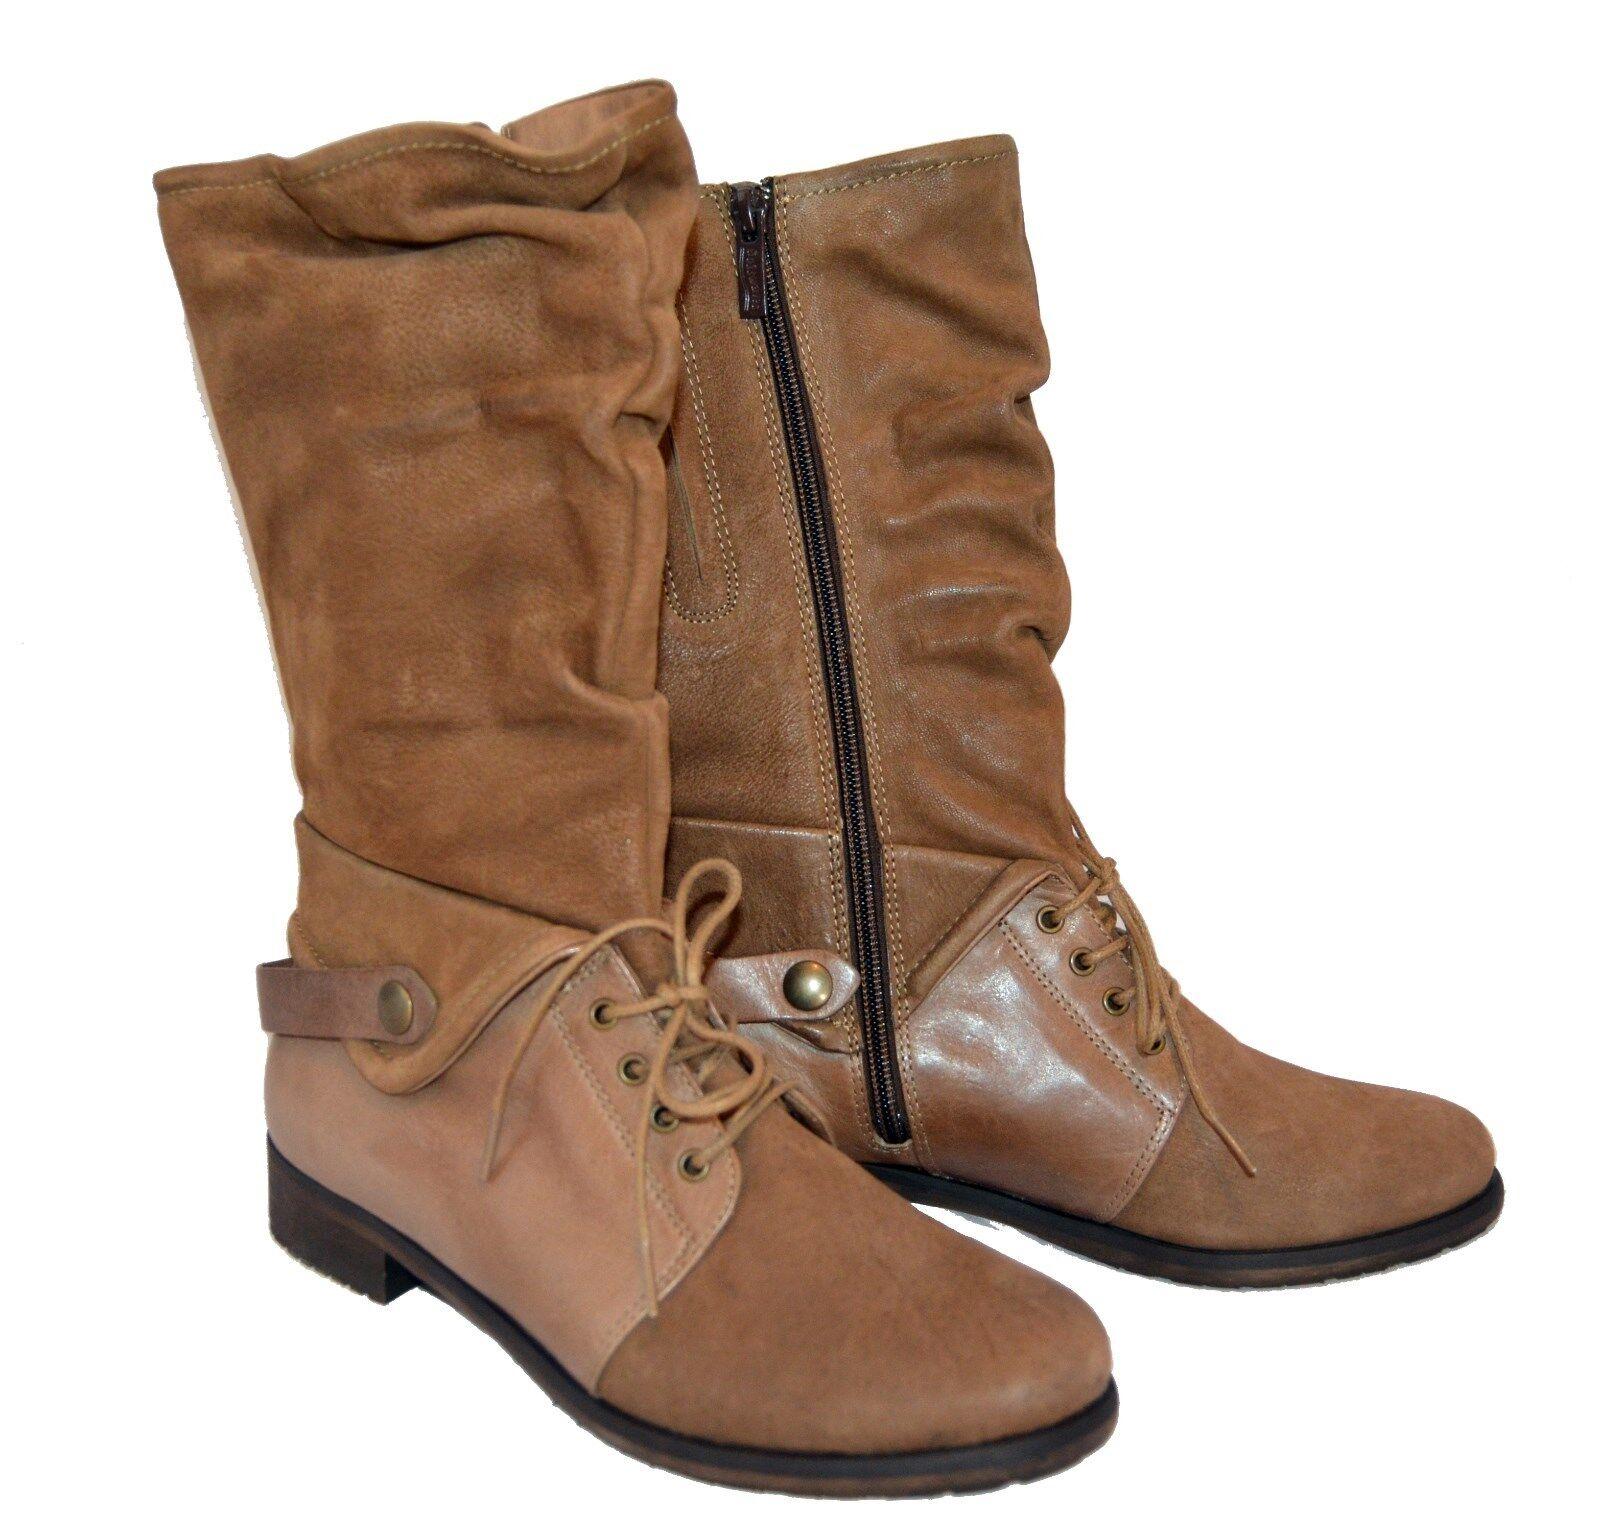 Softwaves botas botas de invierno 100% cuero noble cómomujerte 199,- euro ms230